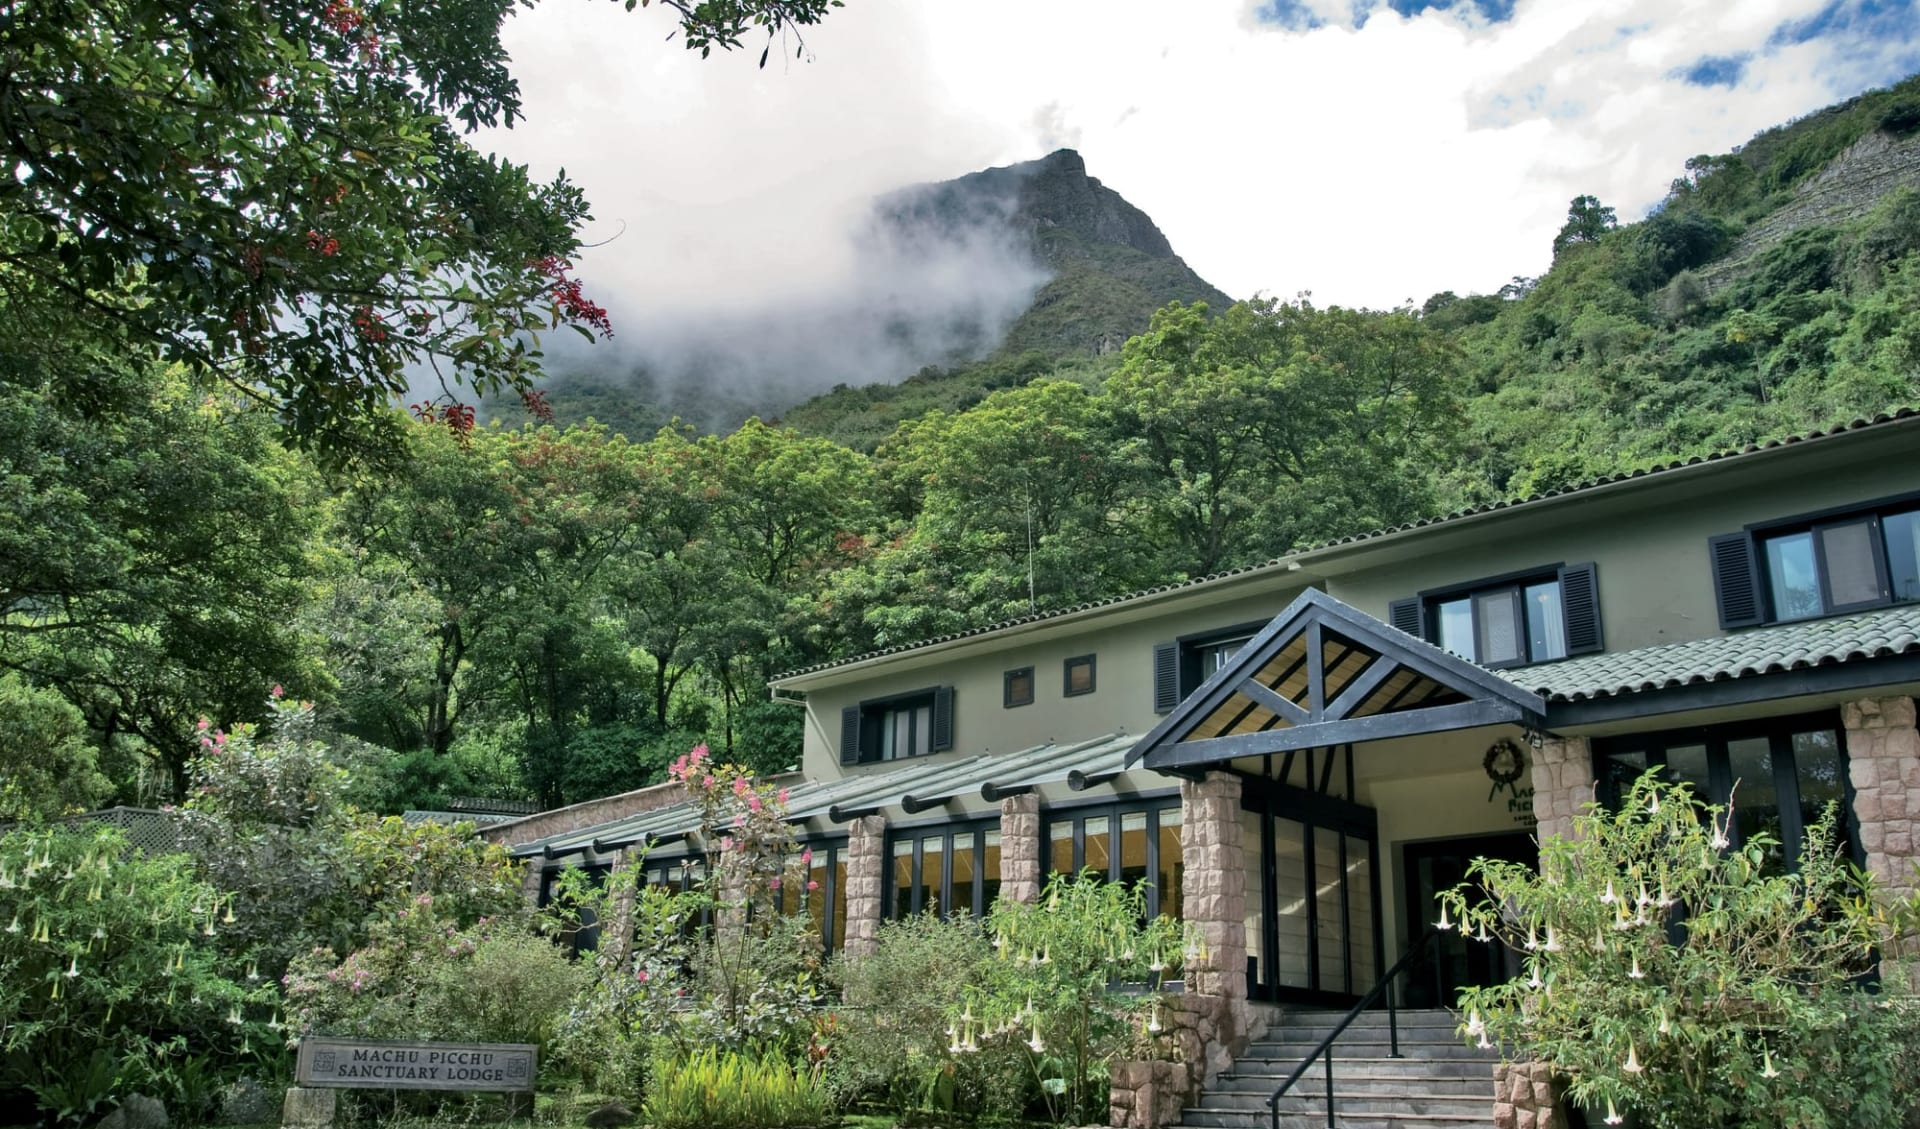 Belmond Sanctuary Lodge in Machu Picchu:  Belmond Sanctuary Lodge - Hotel front c Belmondimages